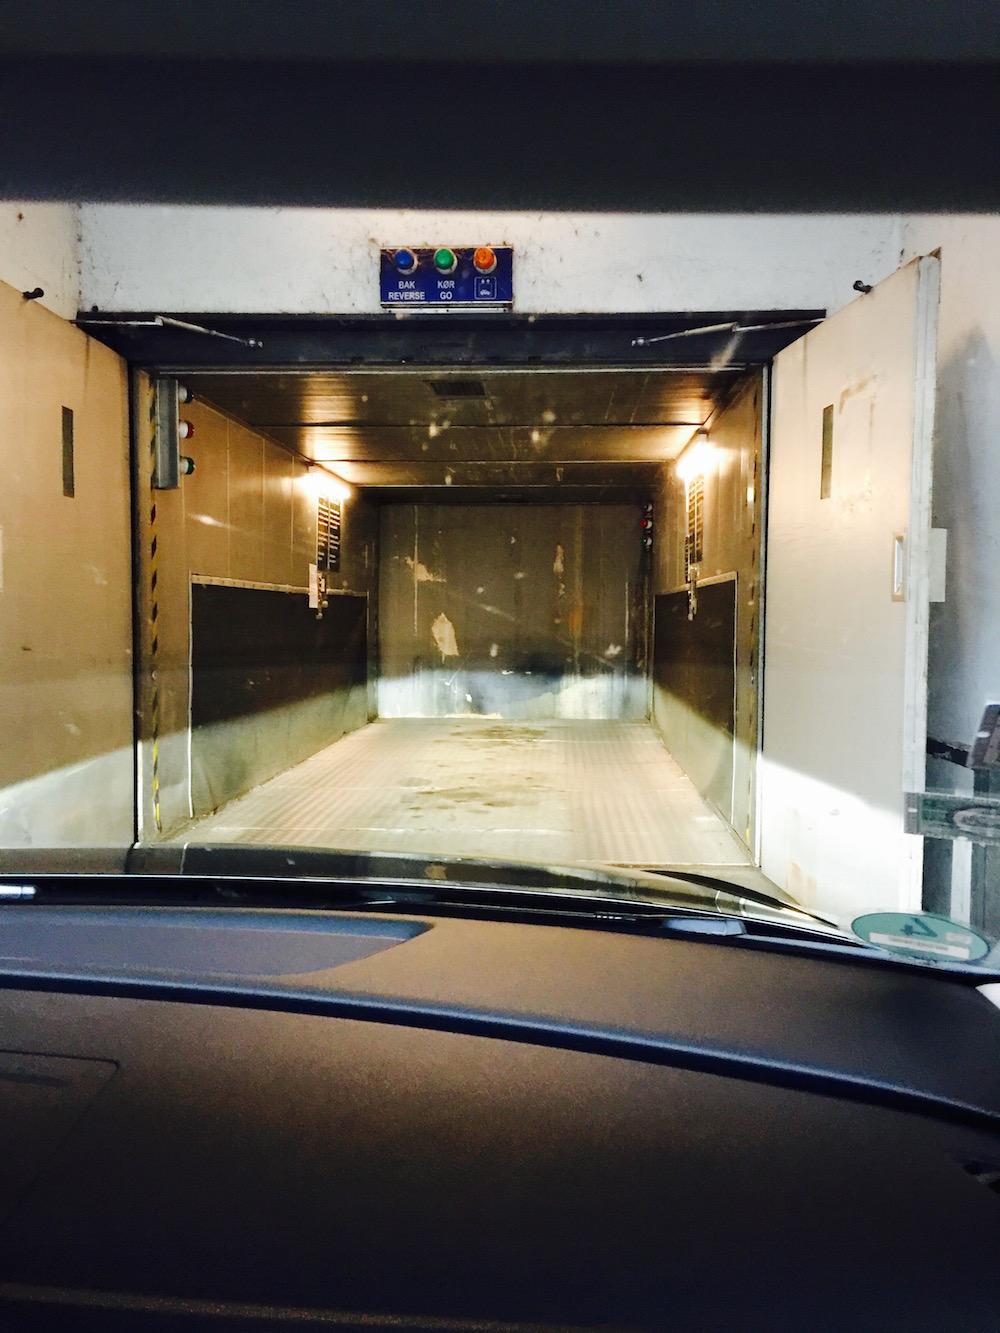 Aufregende Fahrt mit dem Autolift in unserem Hotel in Aarhus